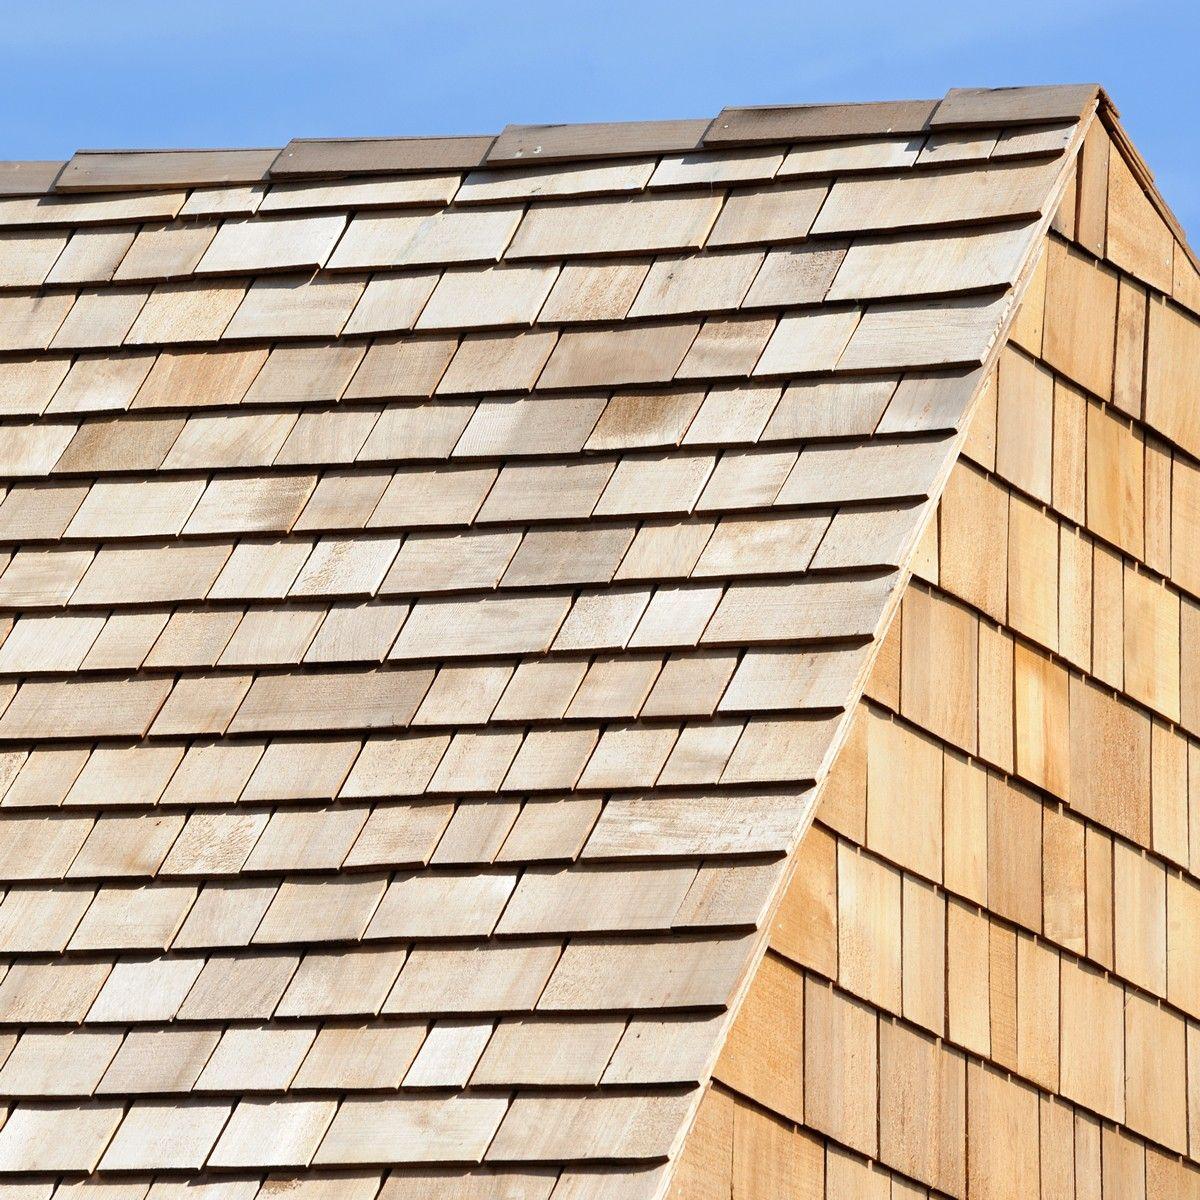 Certigrade No 1 Grade Blue Label Western Red Cedar Shingles Cedar Shingle Roof Cedar Shingles Cedar Roof